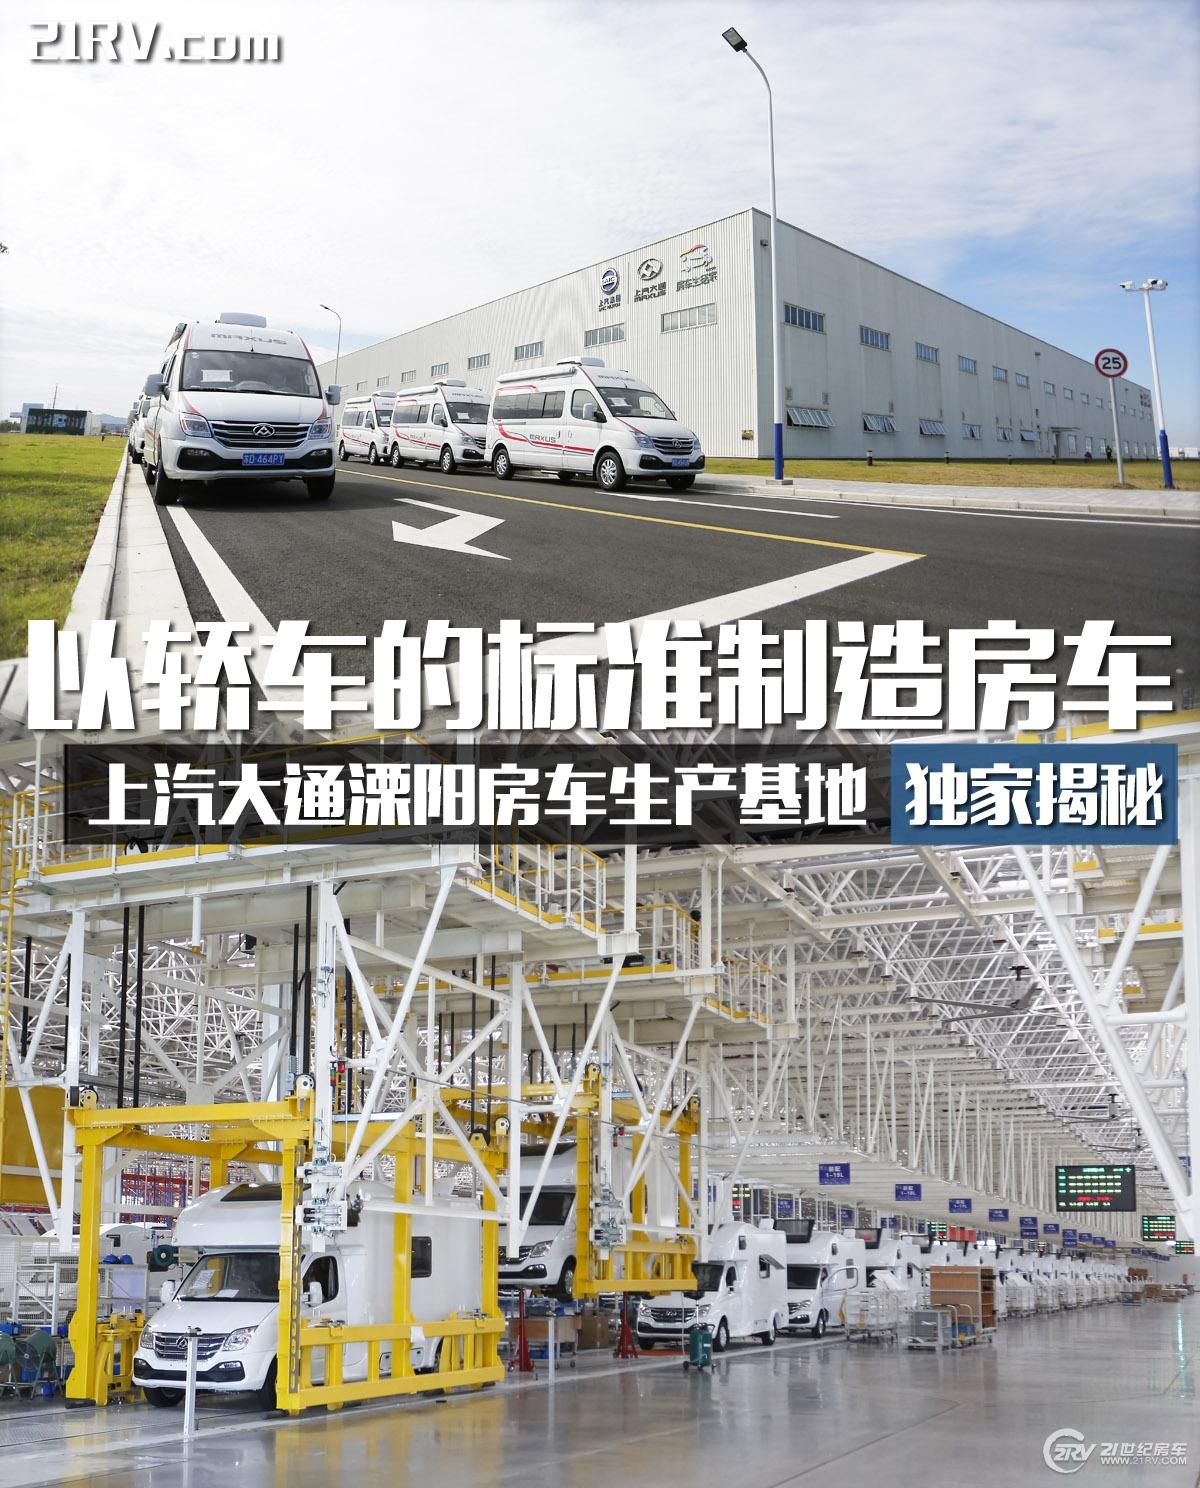 以轿车的标准制造房车 21RV独家揭秘上汽大通溧阳房车生产基地